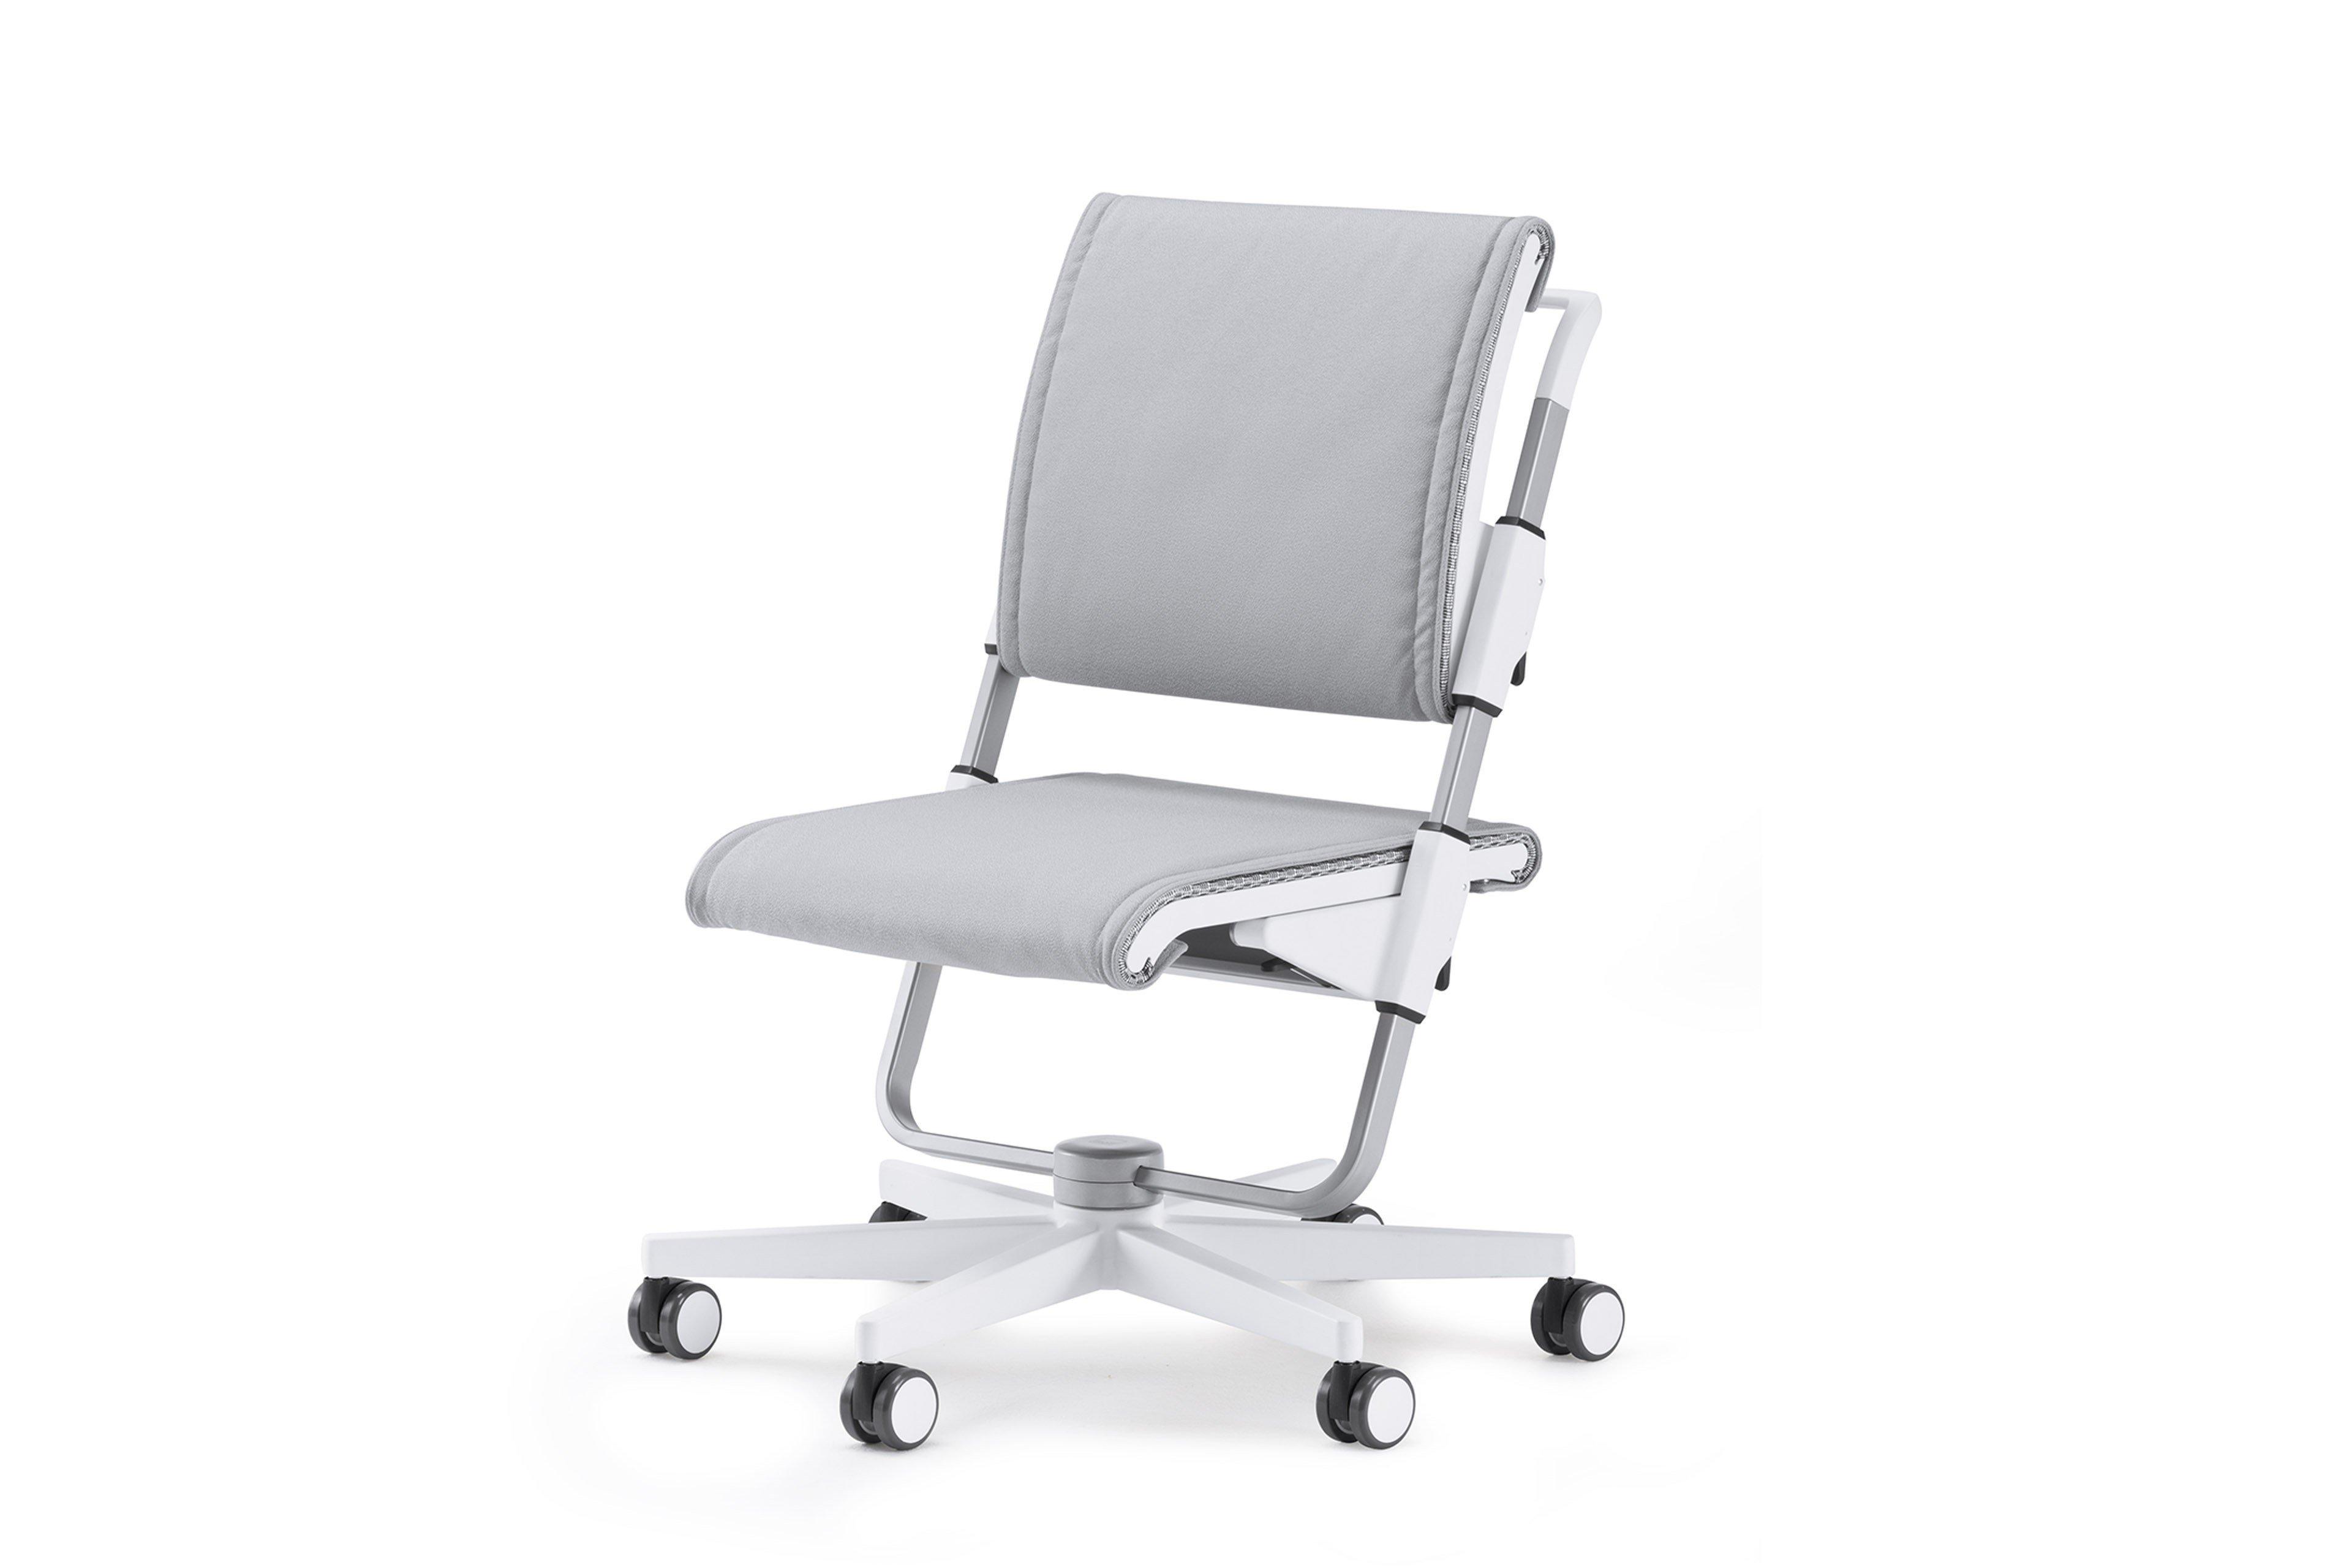 moll Scooter Schreibtisch-Stuhl grau | Möbel Letz - Ihr Online-Shop